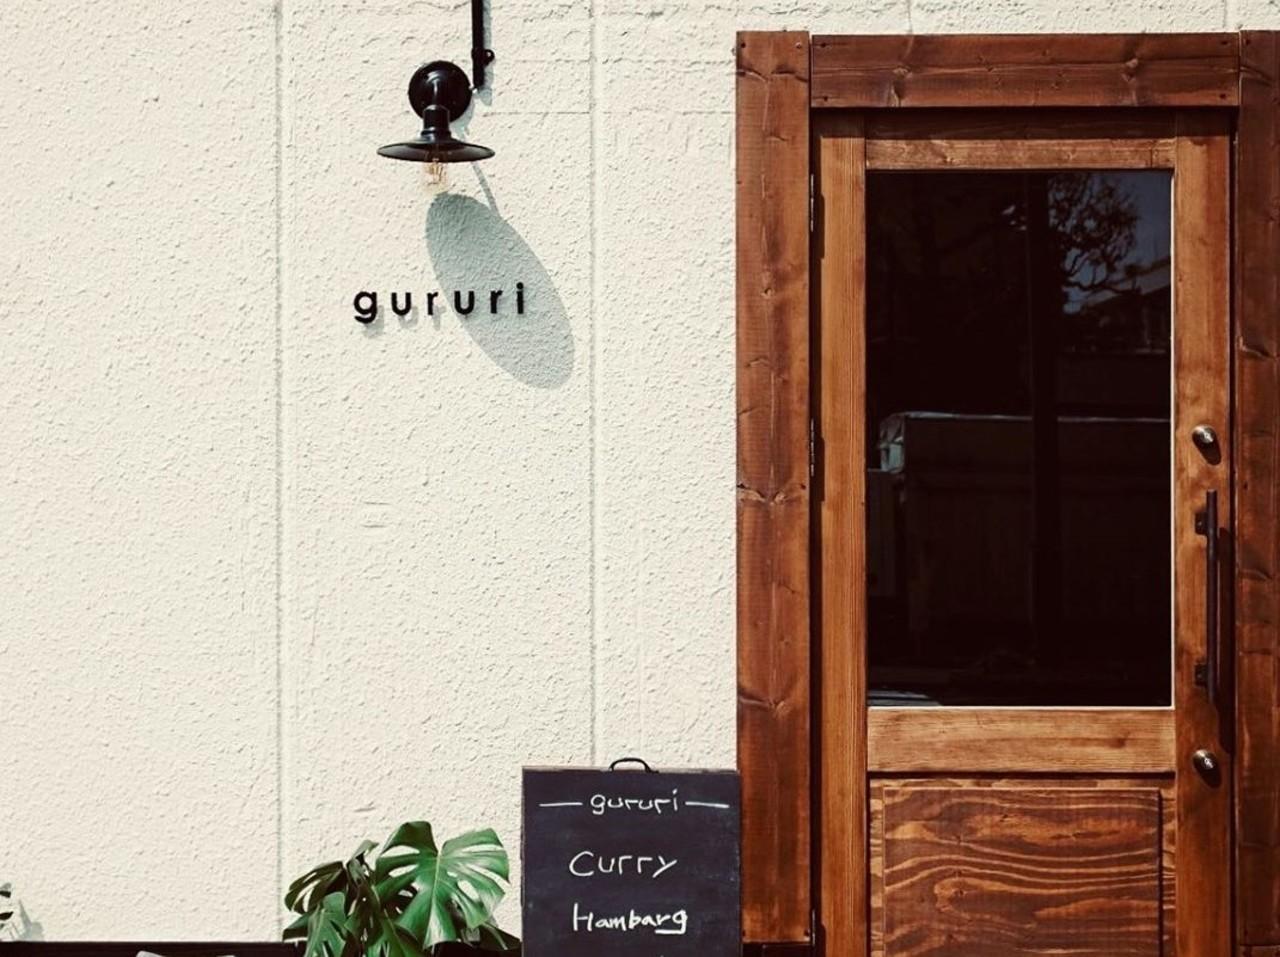 慌ただしい毎日の中でほっとひと息。。滋賀県大津市浜町のカフェ『ぐるり』